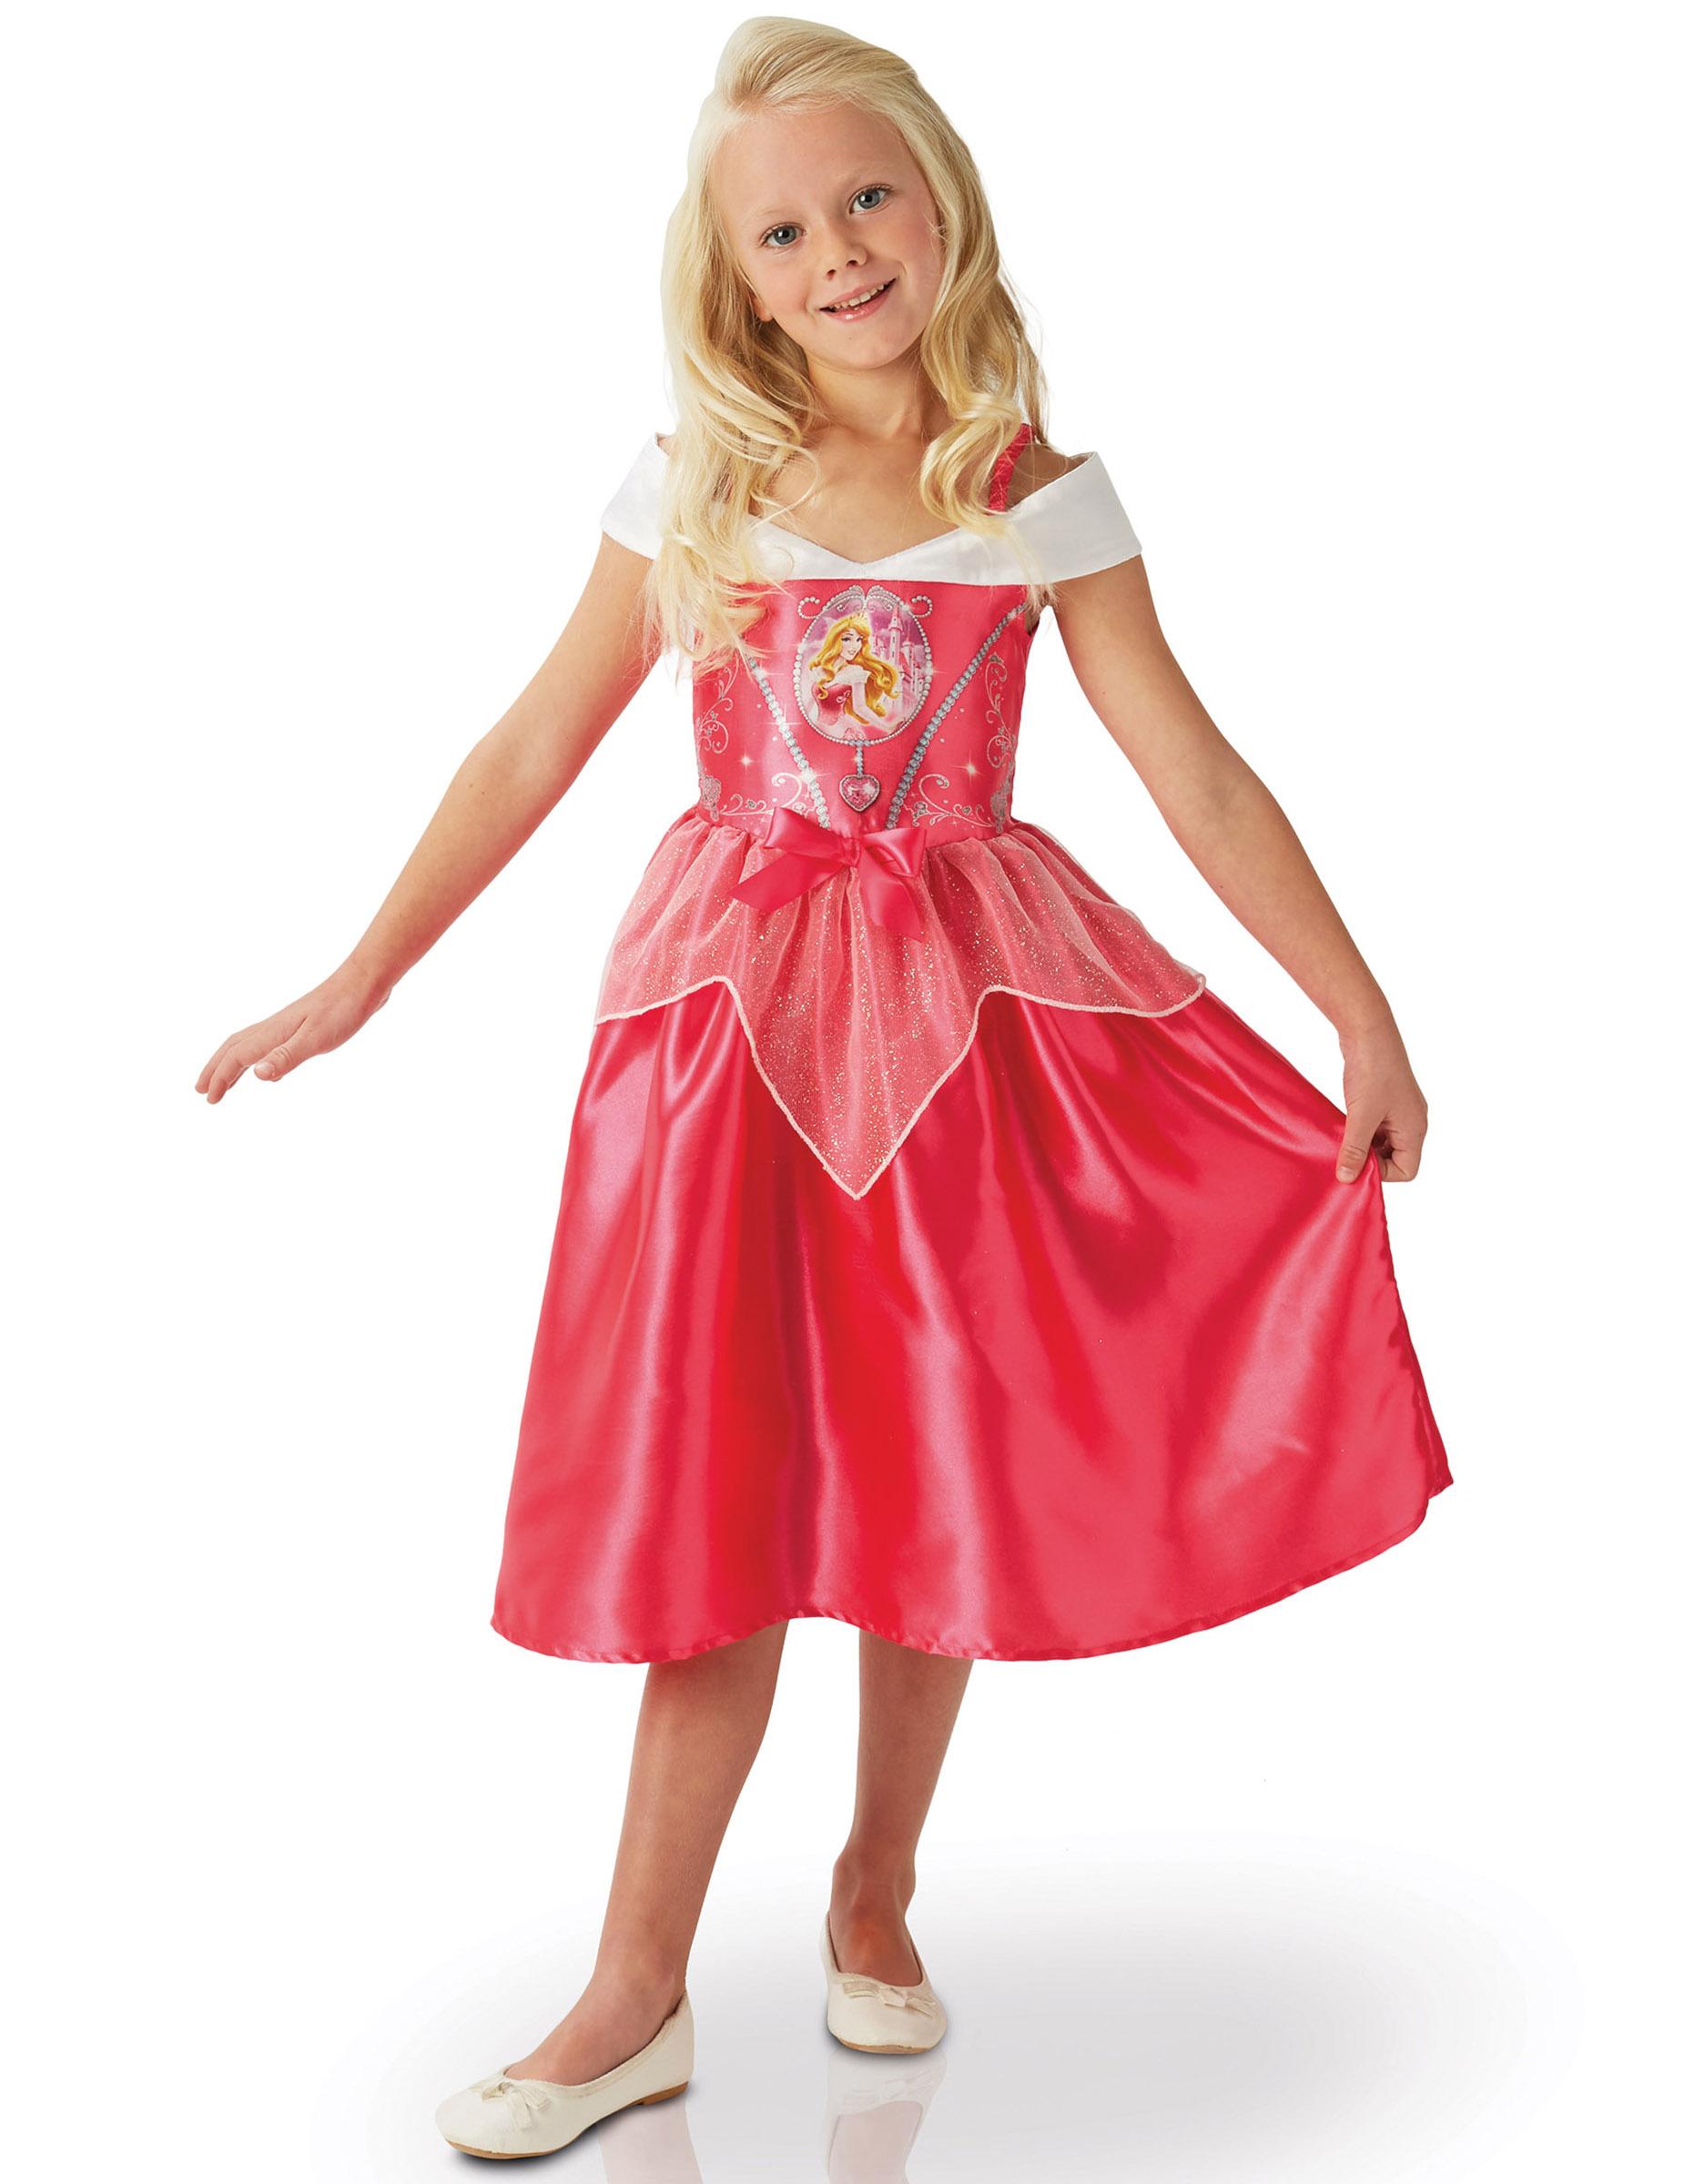 D guisement fille fairy tale aurore disney deguise toi achat de d guisements enfants - Deguisement disney enfant ...